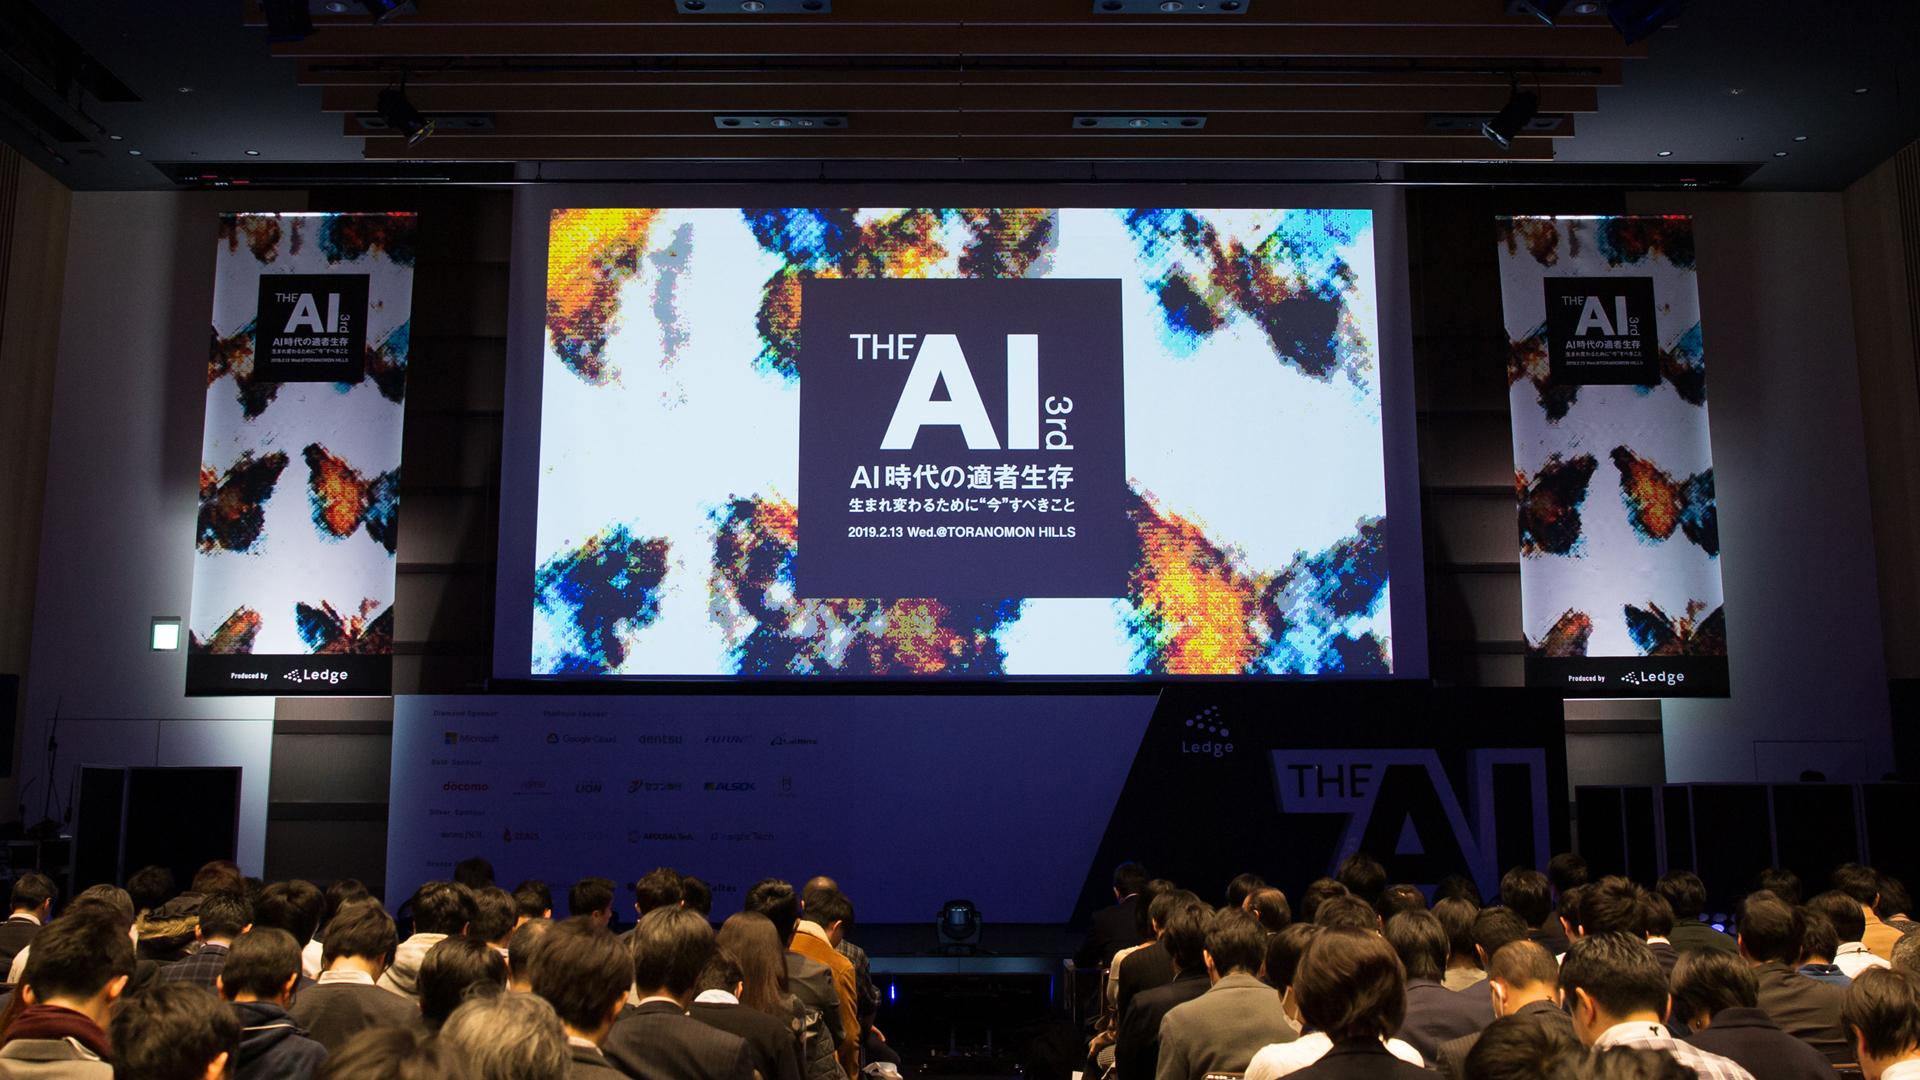 AI × ビジネスの大規模カンファレンス「THE AI 3rd」が開催